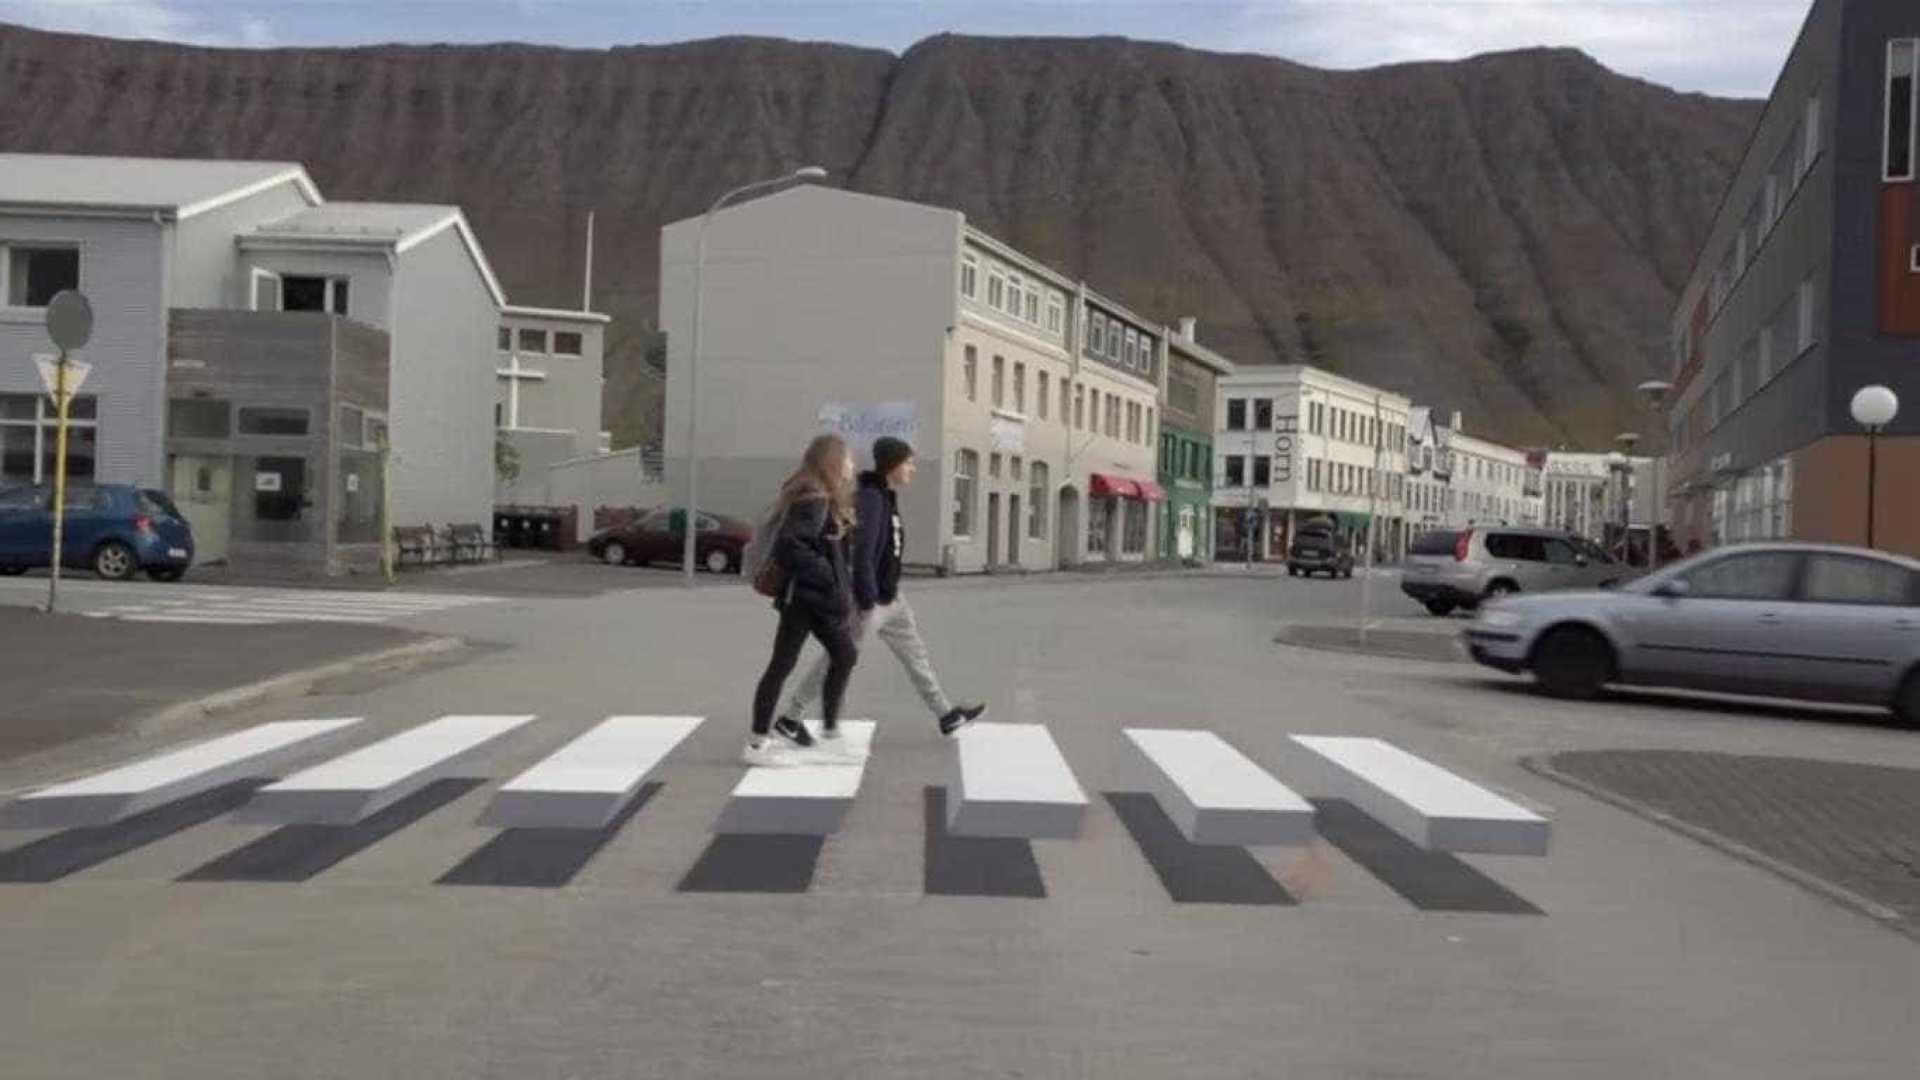 islândia estreia passadeira inovadora que 'obriga' condutores a travar - naom 59ce19252e064 - Islândia estreia passadeira inovadora que 'obriga' condutores a travar